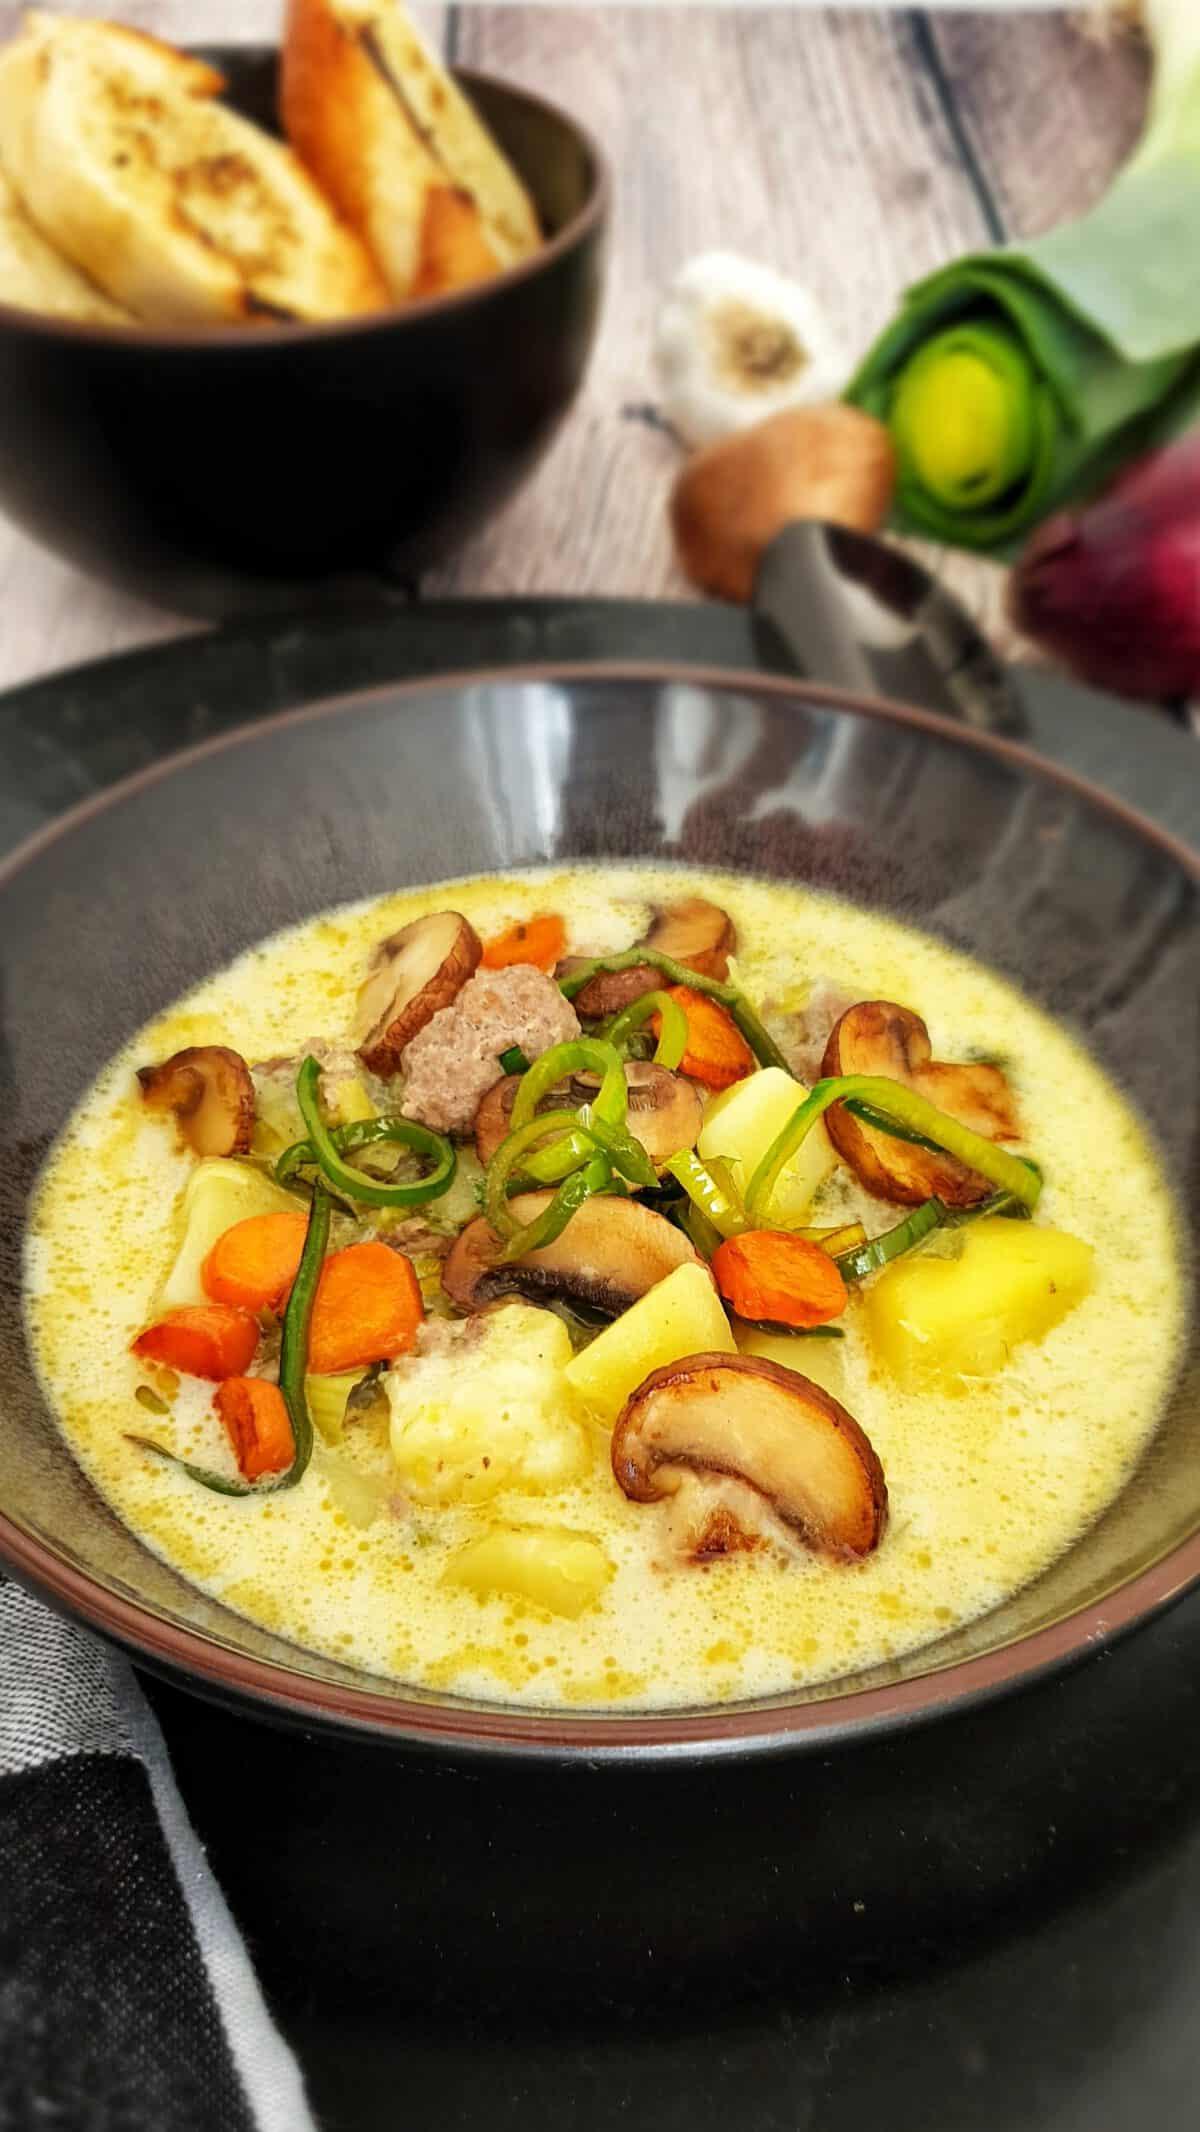 Käse-Lauch-Suppe mit Hackbällchen in einer braunen Suppenschale. Im Hintergrund Deko.